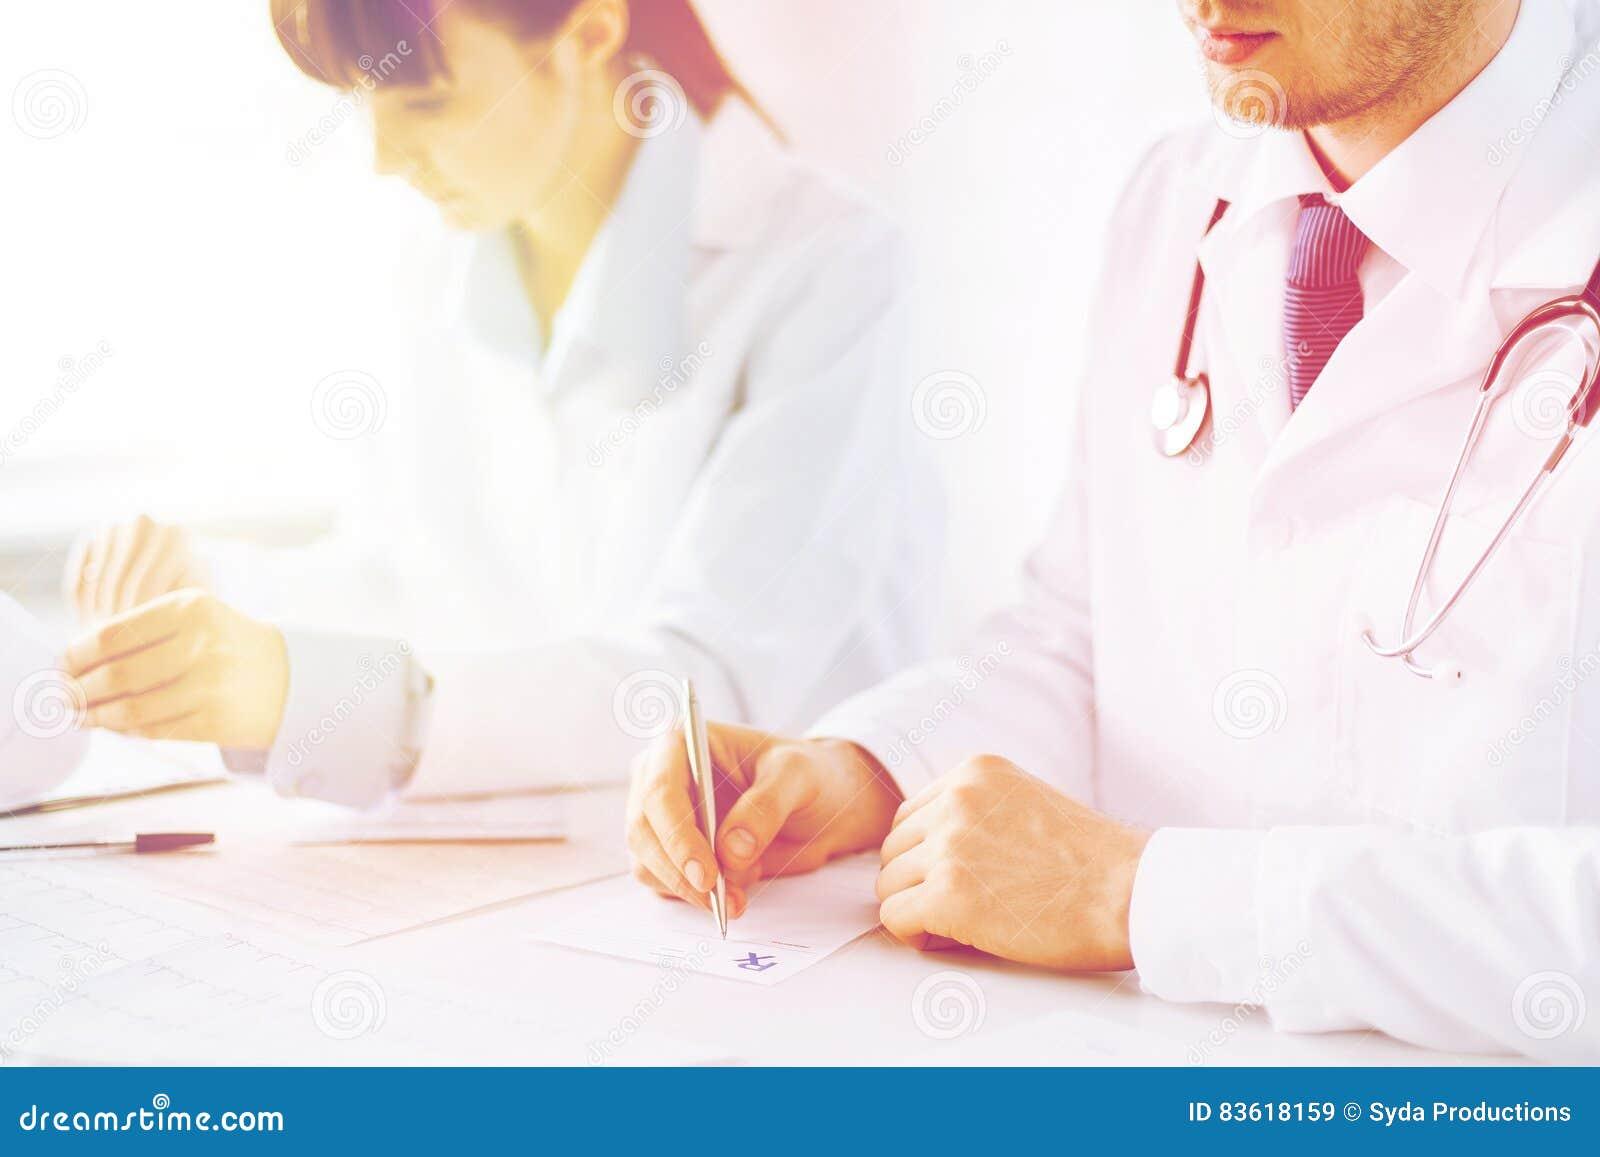 医生和护士文字处方纸